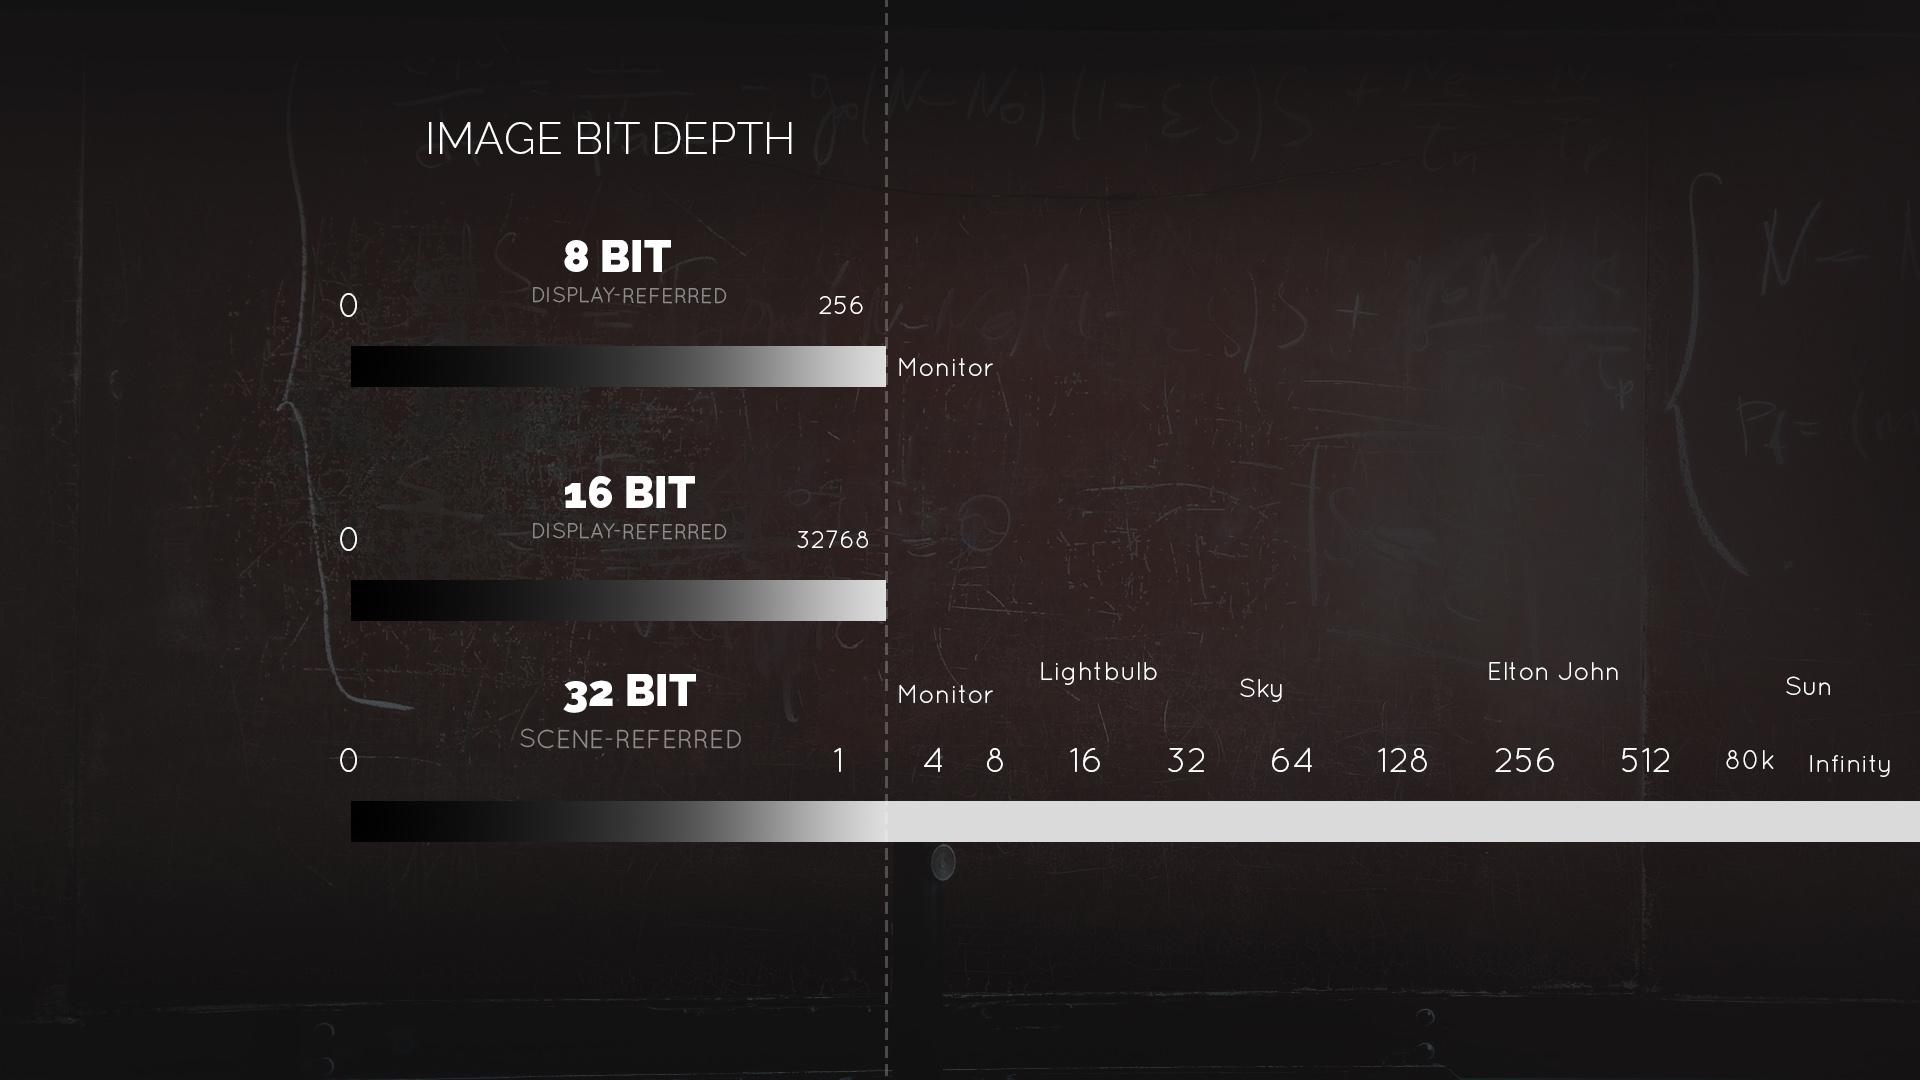 32 bit 8 bit comparison